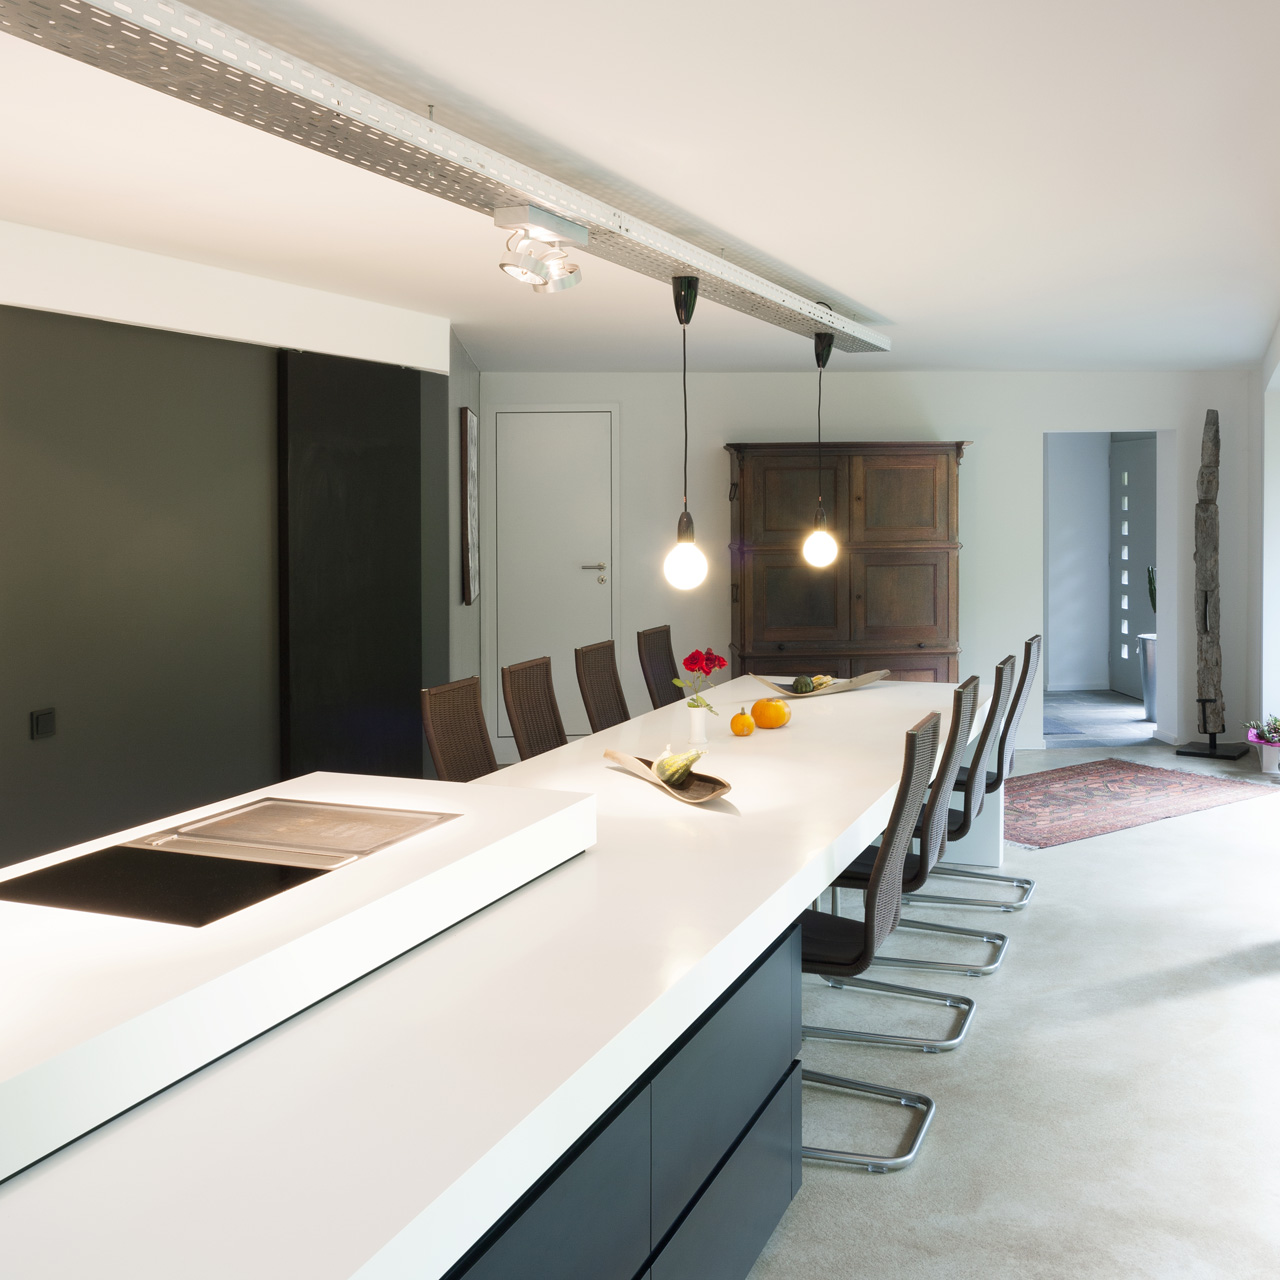 plan 3 küche / V4 / Wohnen in der Natur